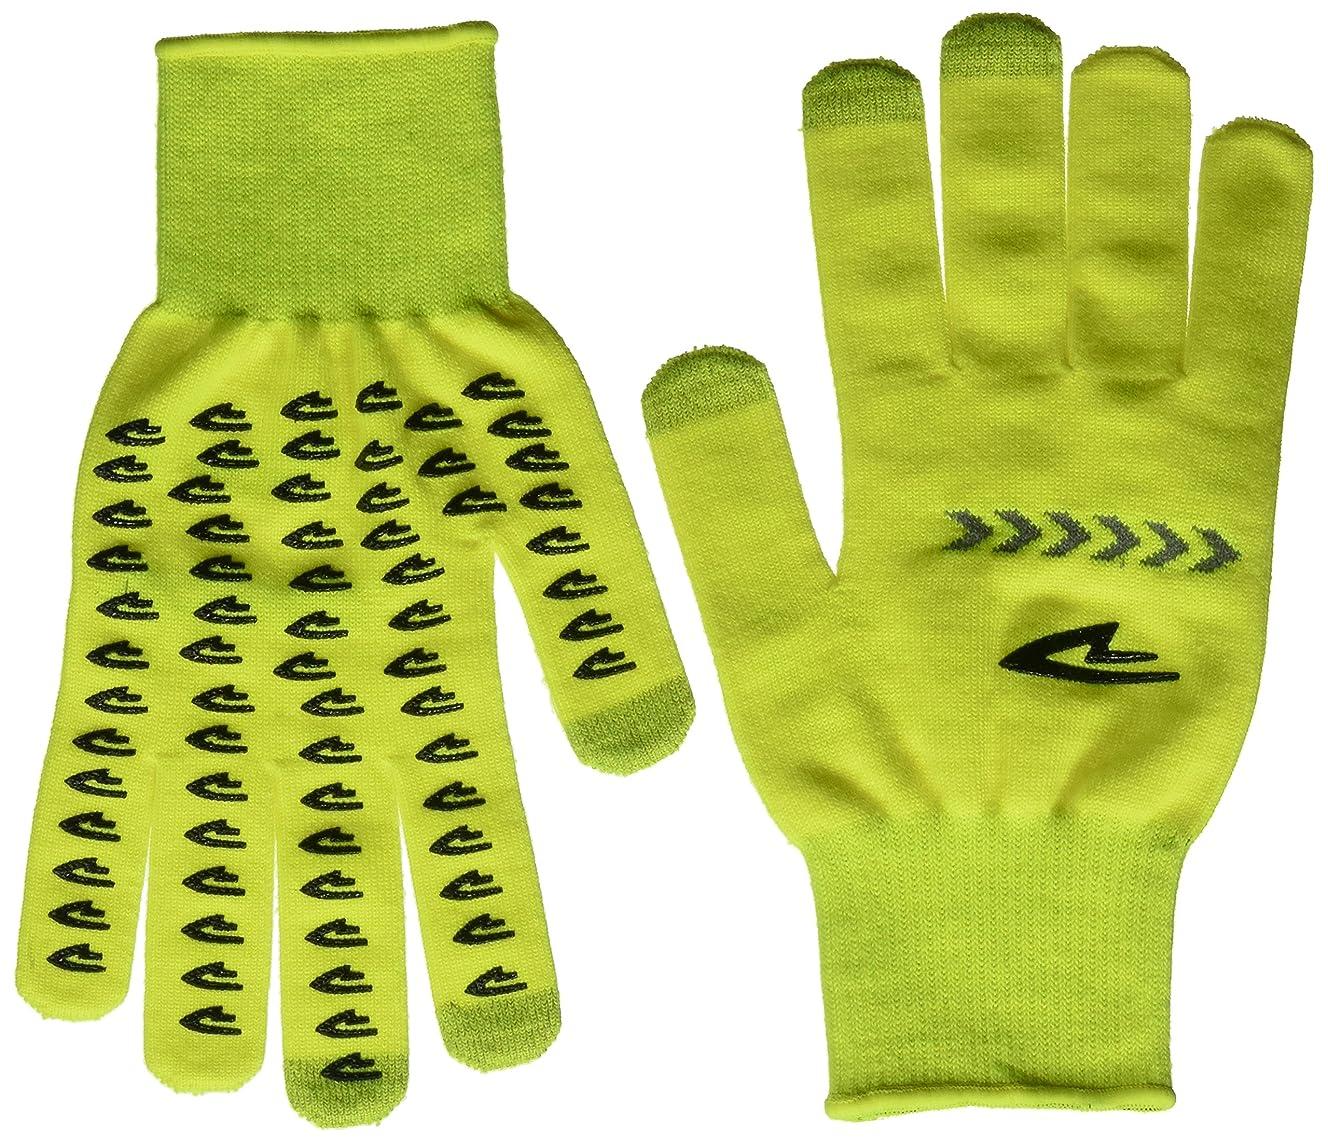 DEFEET Duraglove Reflector Gloves